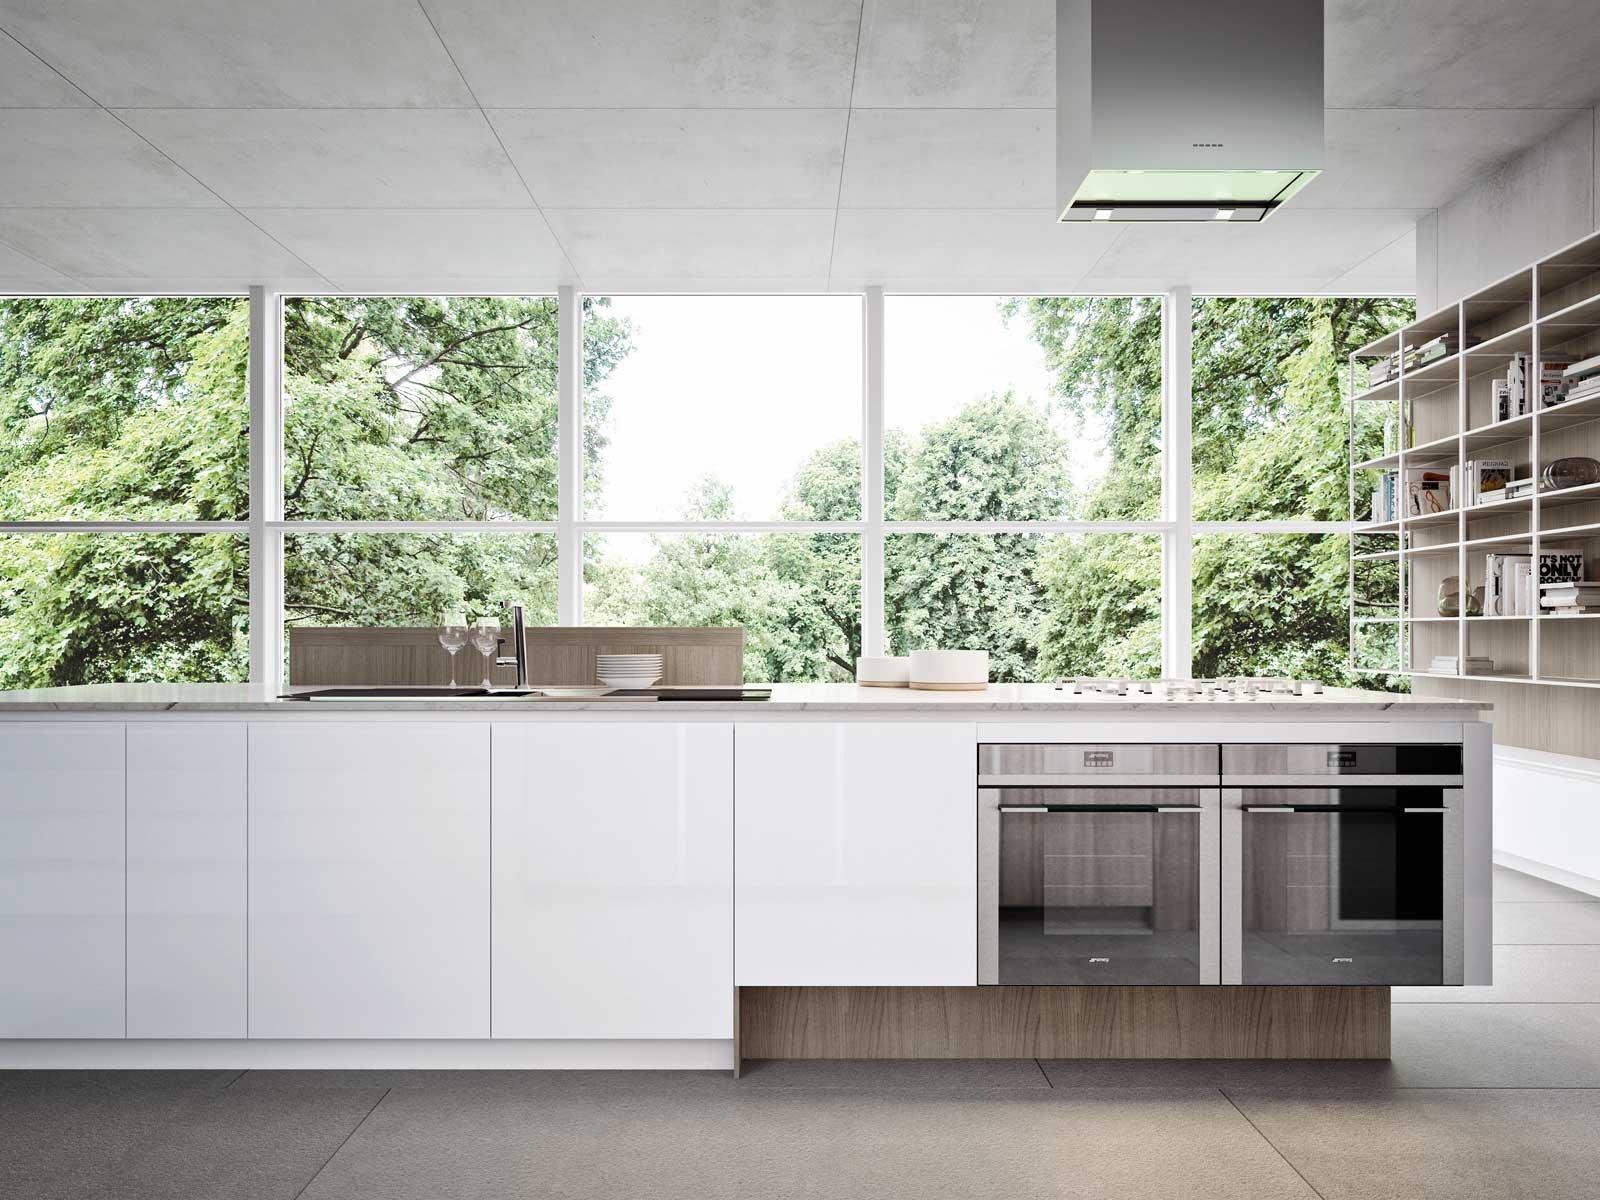 In cucina frigo e freezer sottopiano perfetti sotto la finestra nell 39 isola o nella penisola - Cucina senza frigo ...